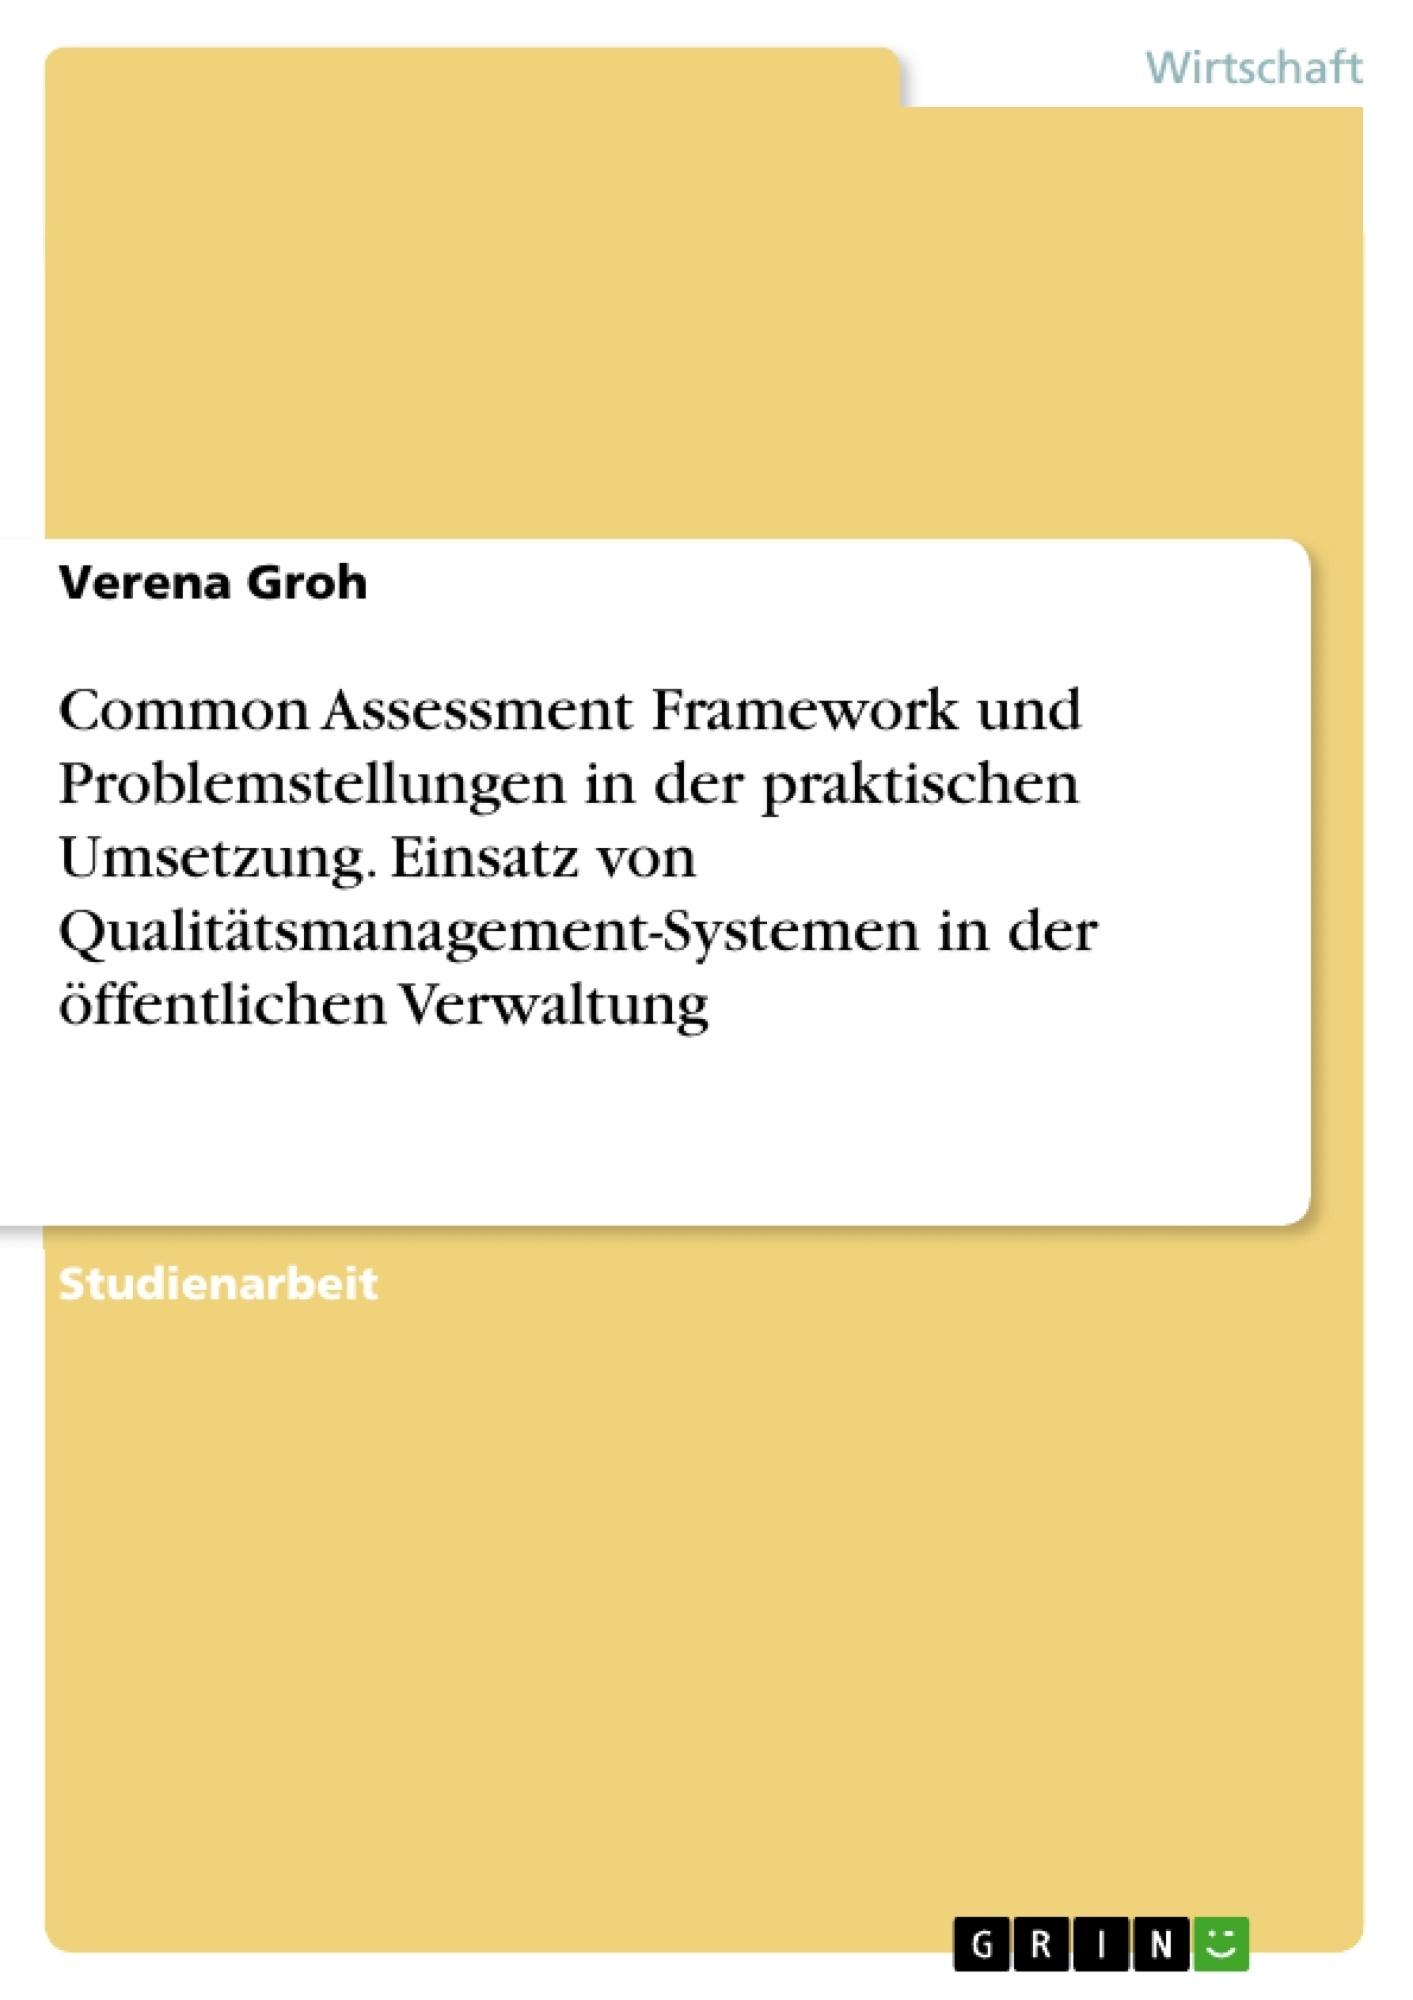 Titel: Common Assessment Framework und Problemstellungen in der praktischen Umsetzung. Einsatz von Qualitätsmanagement-Systemen in der öffentlichen Verwaltung